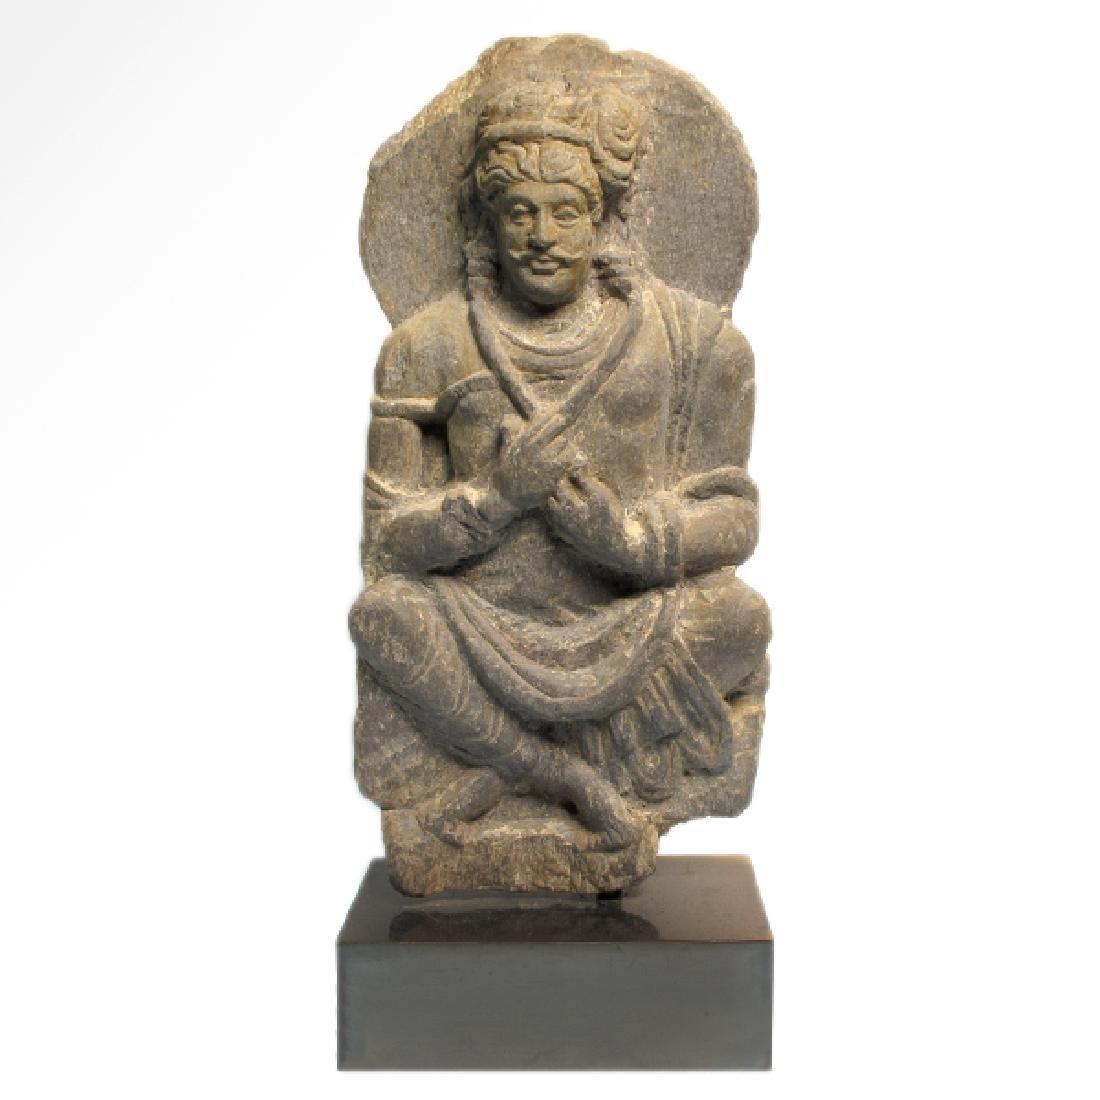 Gandhara Schist Relief Figure of a Bodhisattva, c. - 2